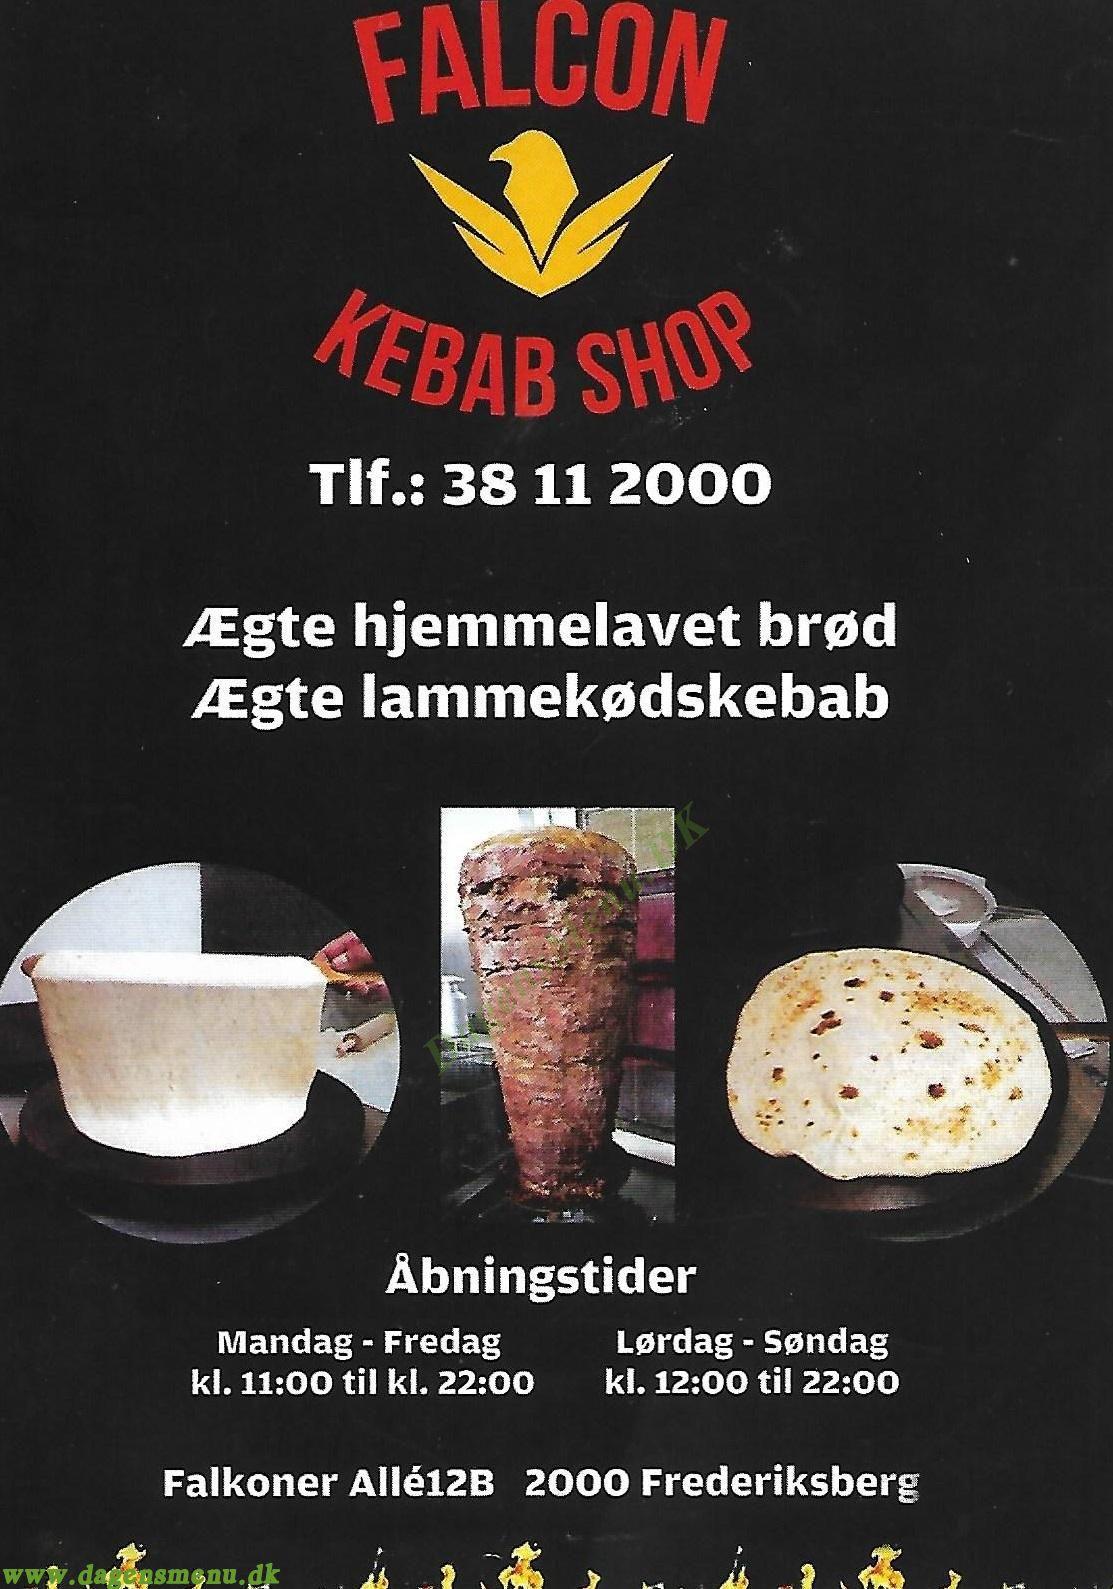 Falcon Kebab Shop - Menukort